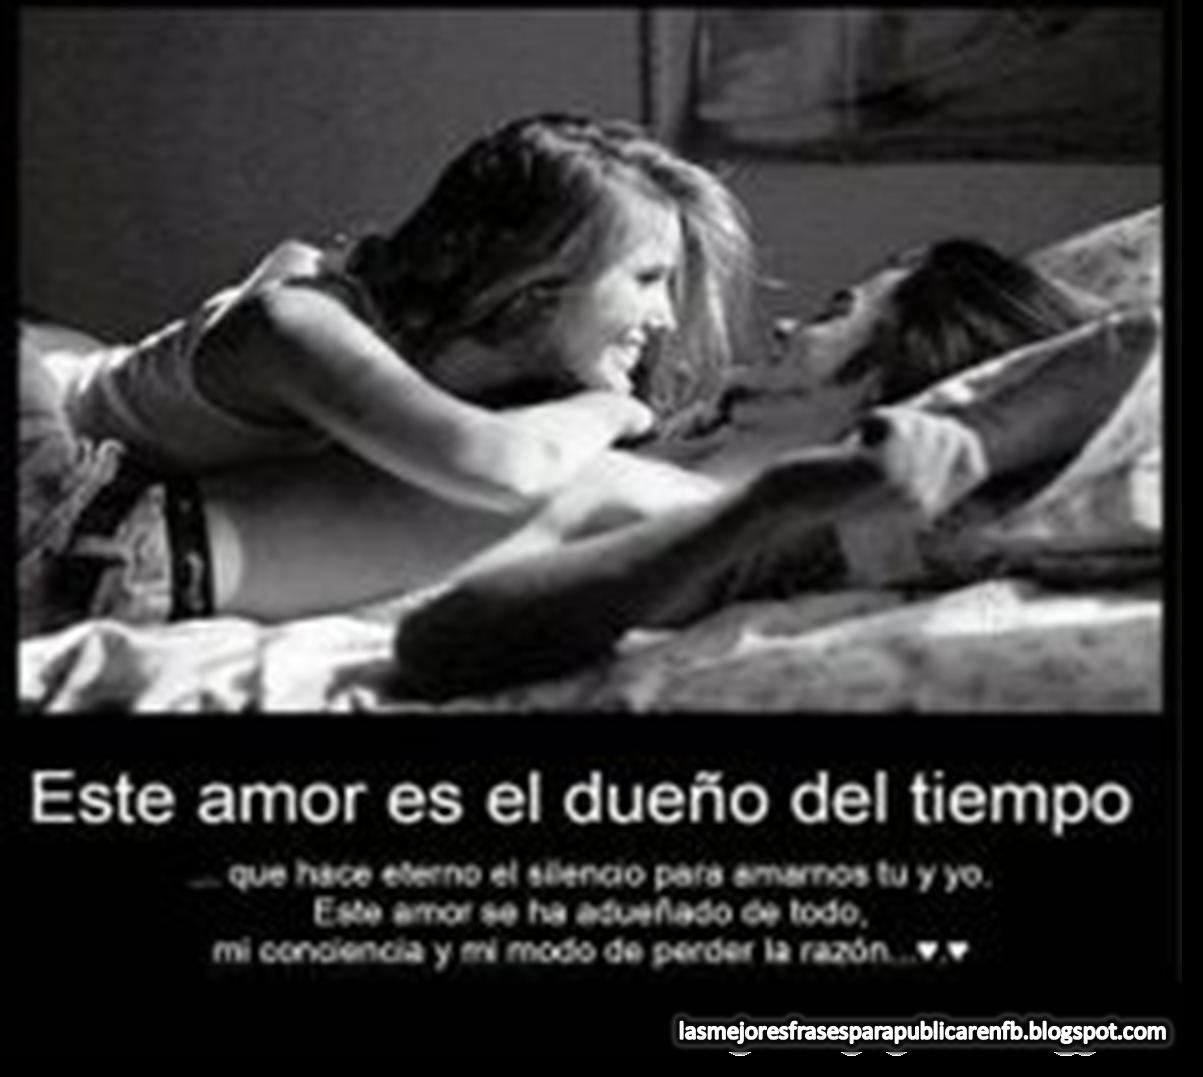 Frases De Amor: Este Amor Es El Dueño Del Tiempo Que Hace Eterno El Silencio